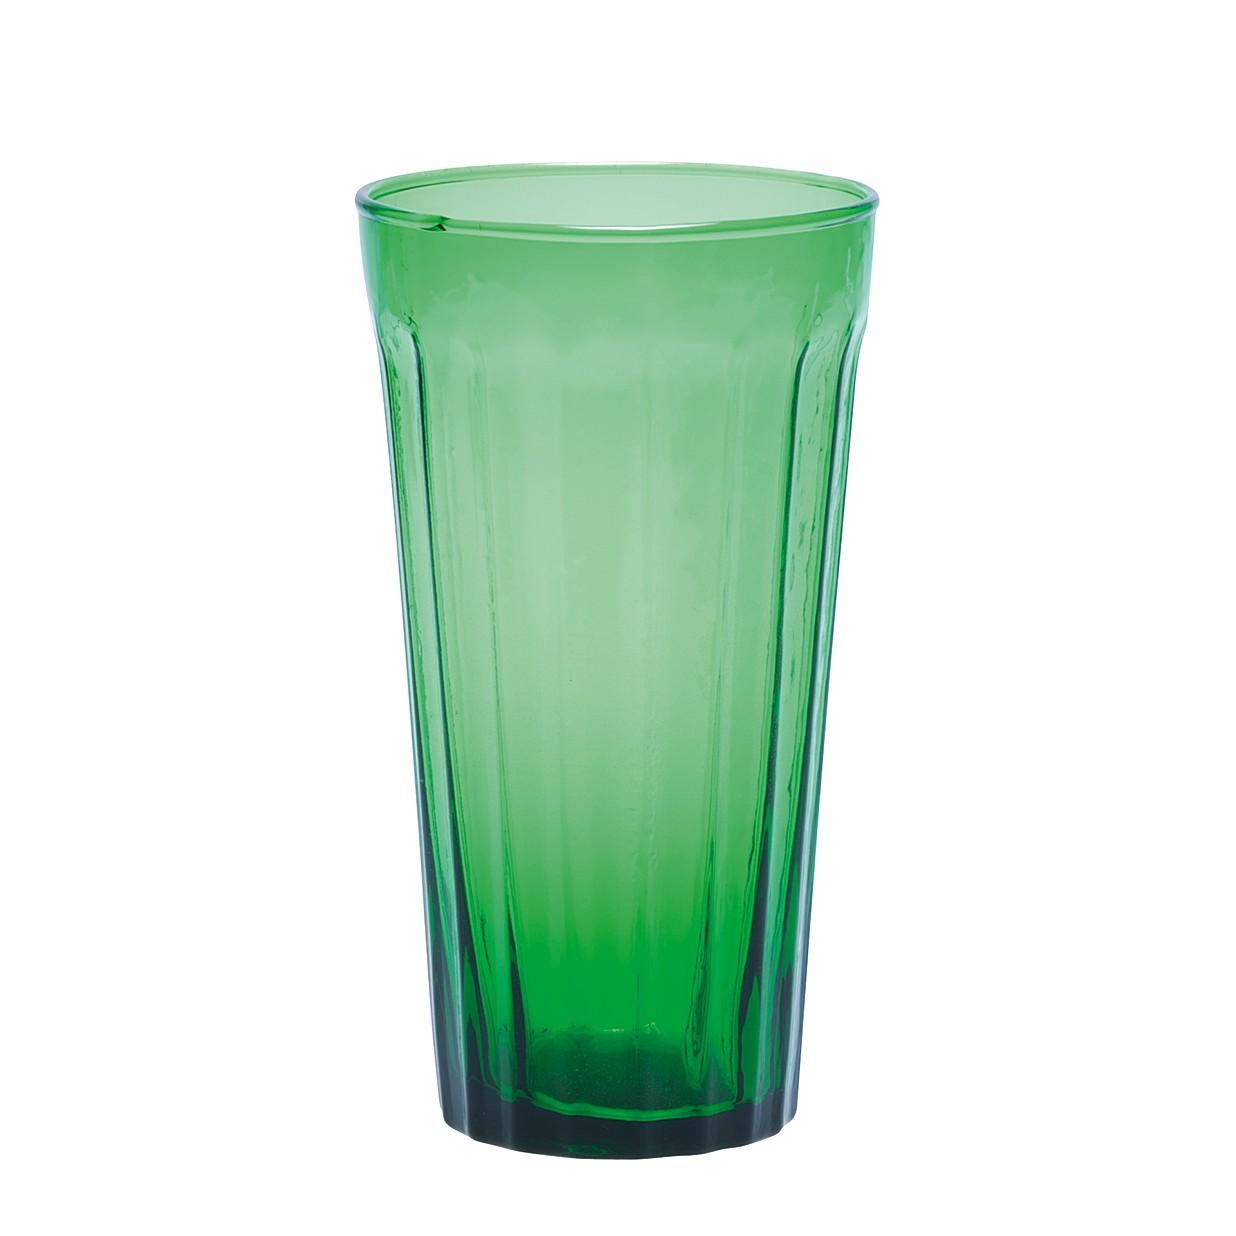 Longdrinkglas Lucca (6er-Set) – Glas – Kaktusgrün, BITOSSI HOME günstig kaufen